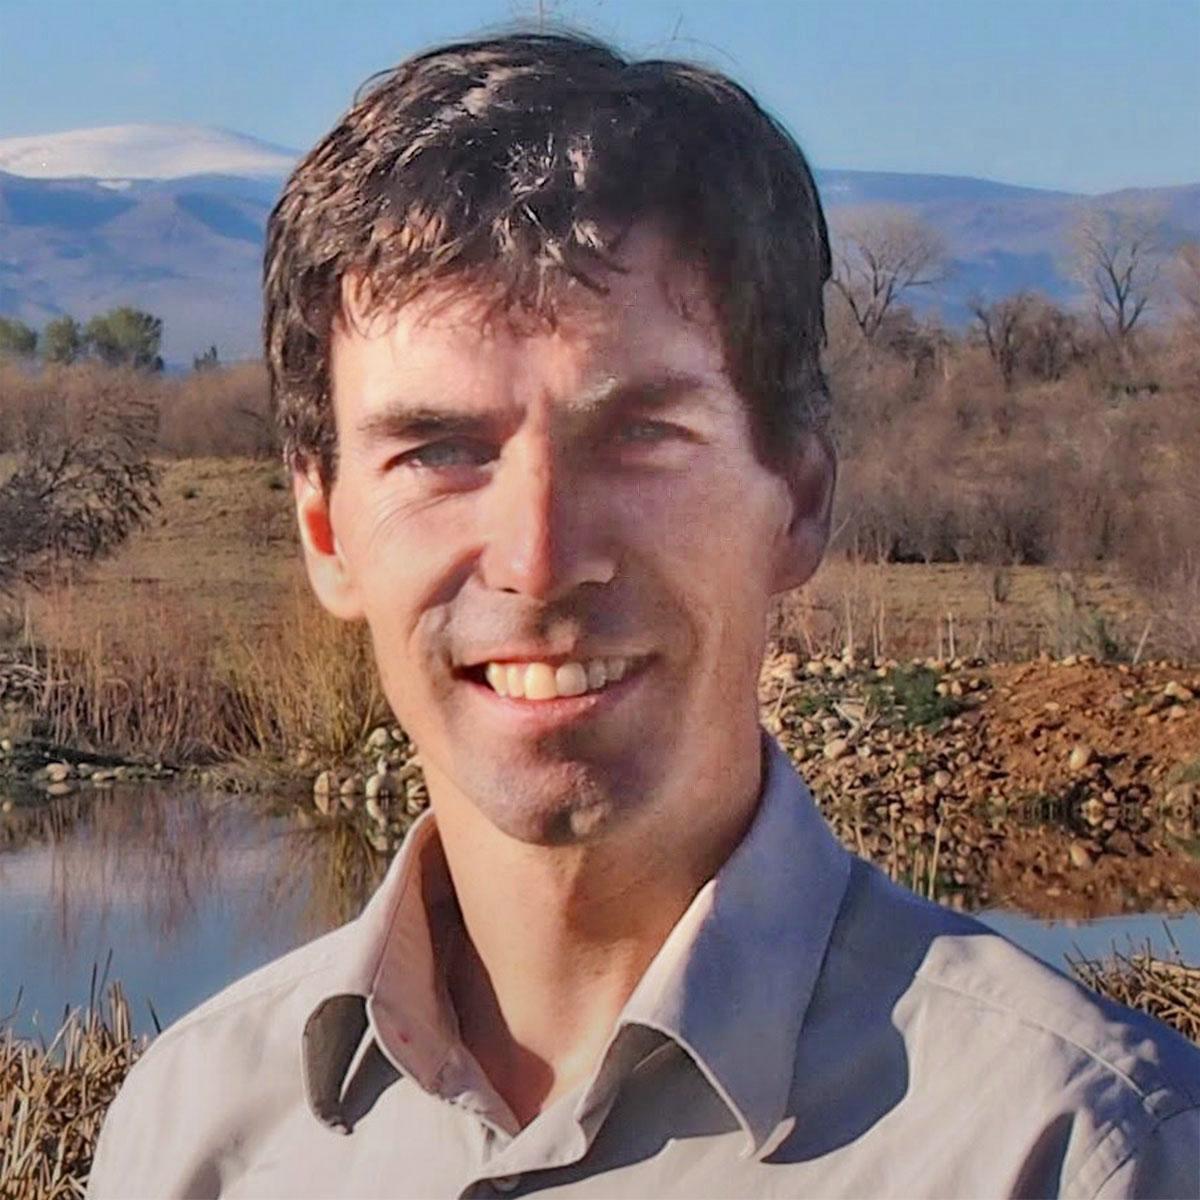 Gavin Noyes